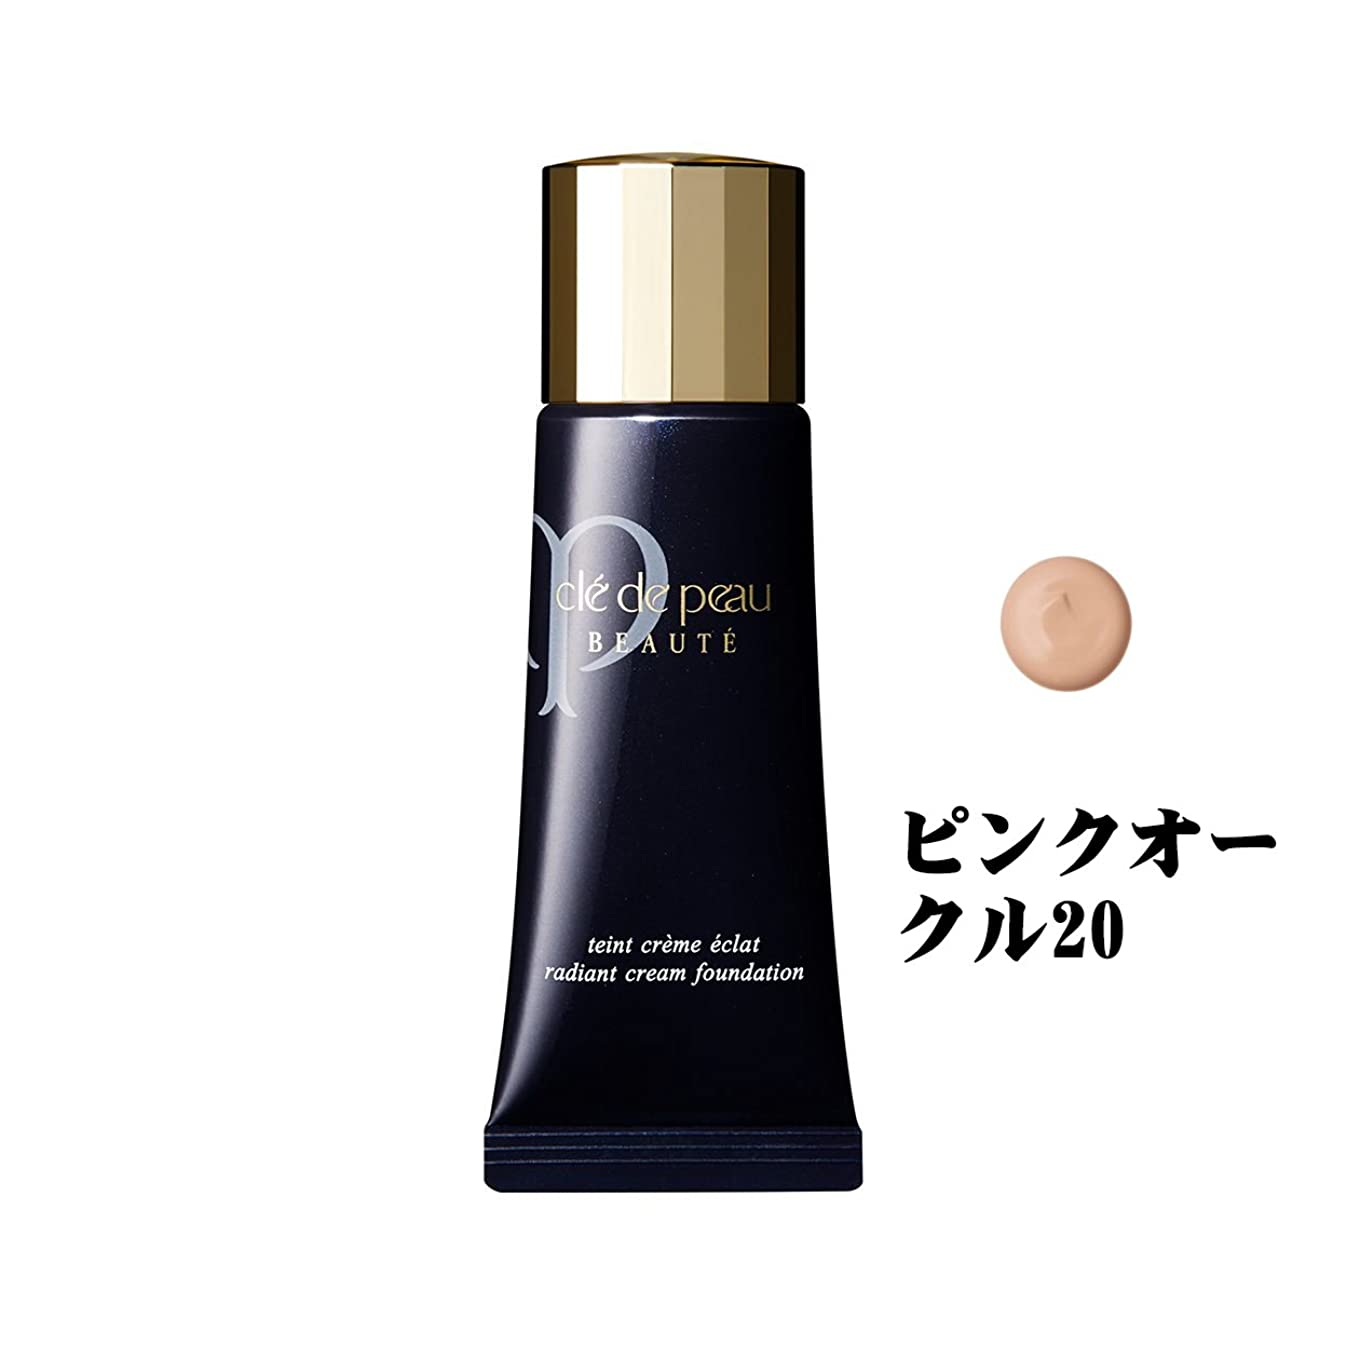 予測子乱暴な与える資生堂/shiseido クレドポーボーテ/CPB タンクレームエクラ クリームタイプ SPF25?PA++ ピンクオークル20